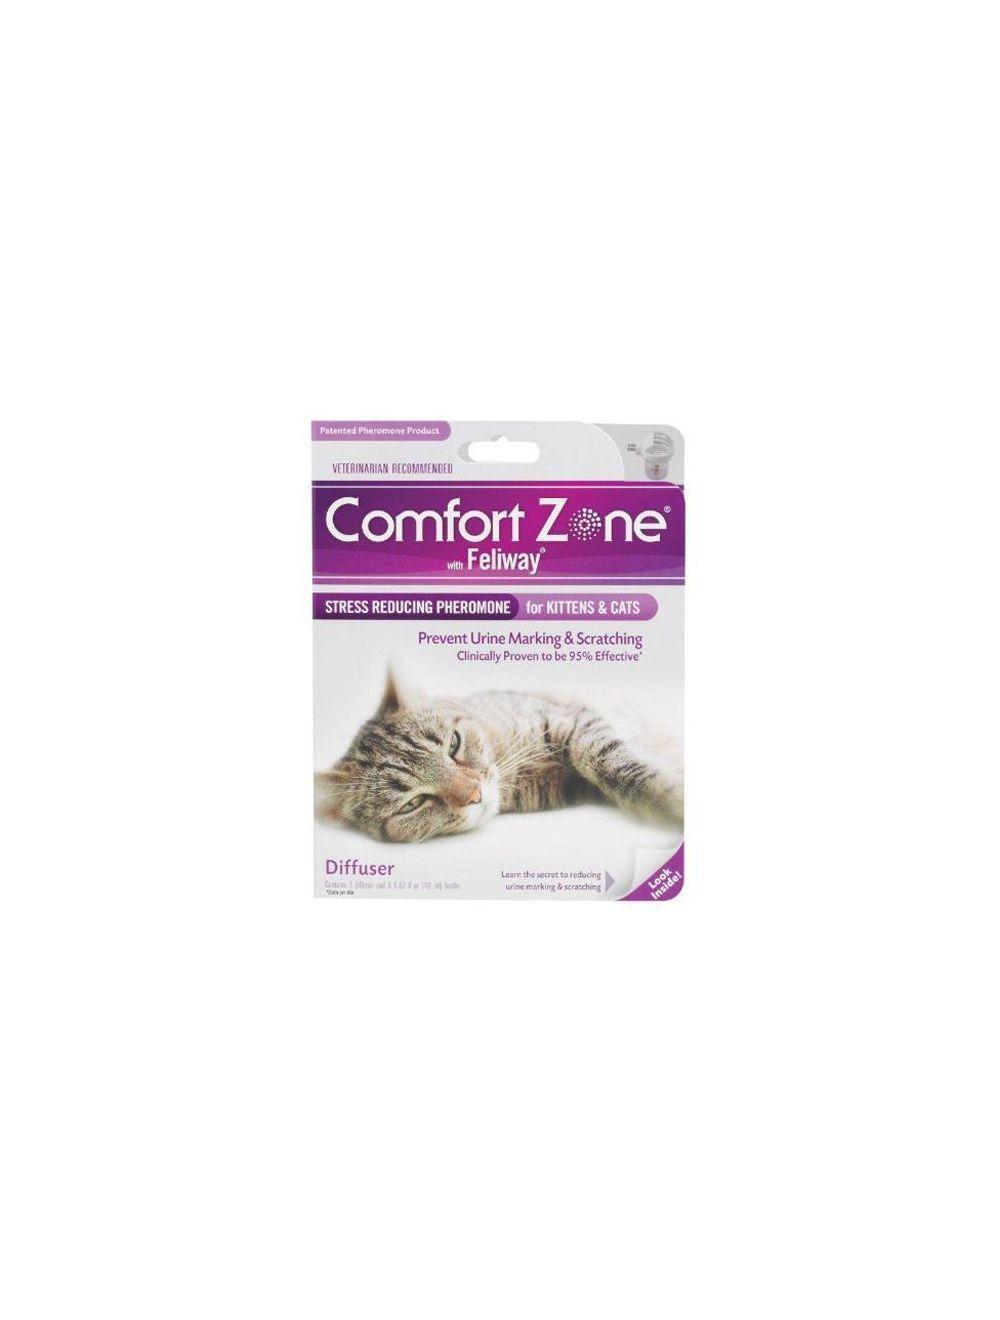 Tranquilizante para gatos con feromonas - Ciudaddemascotas.com